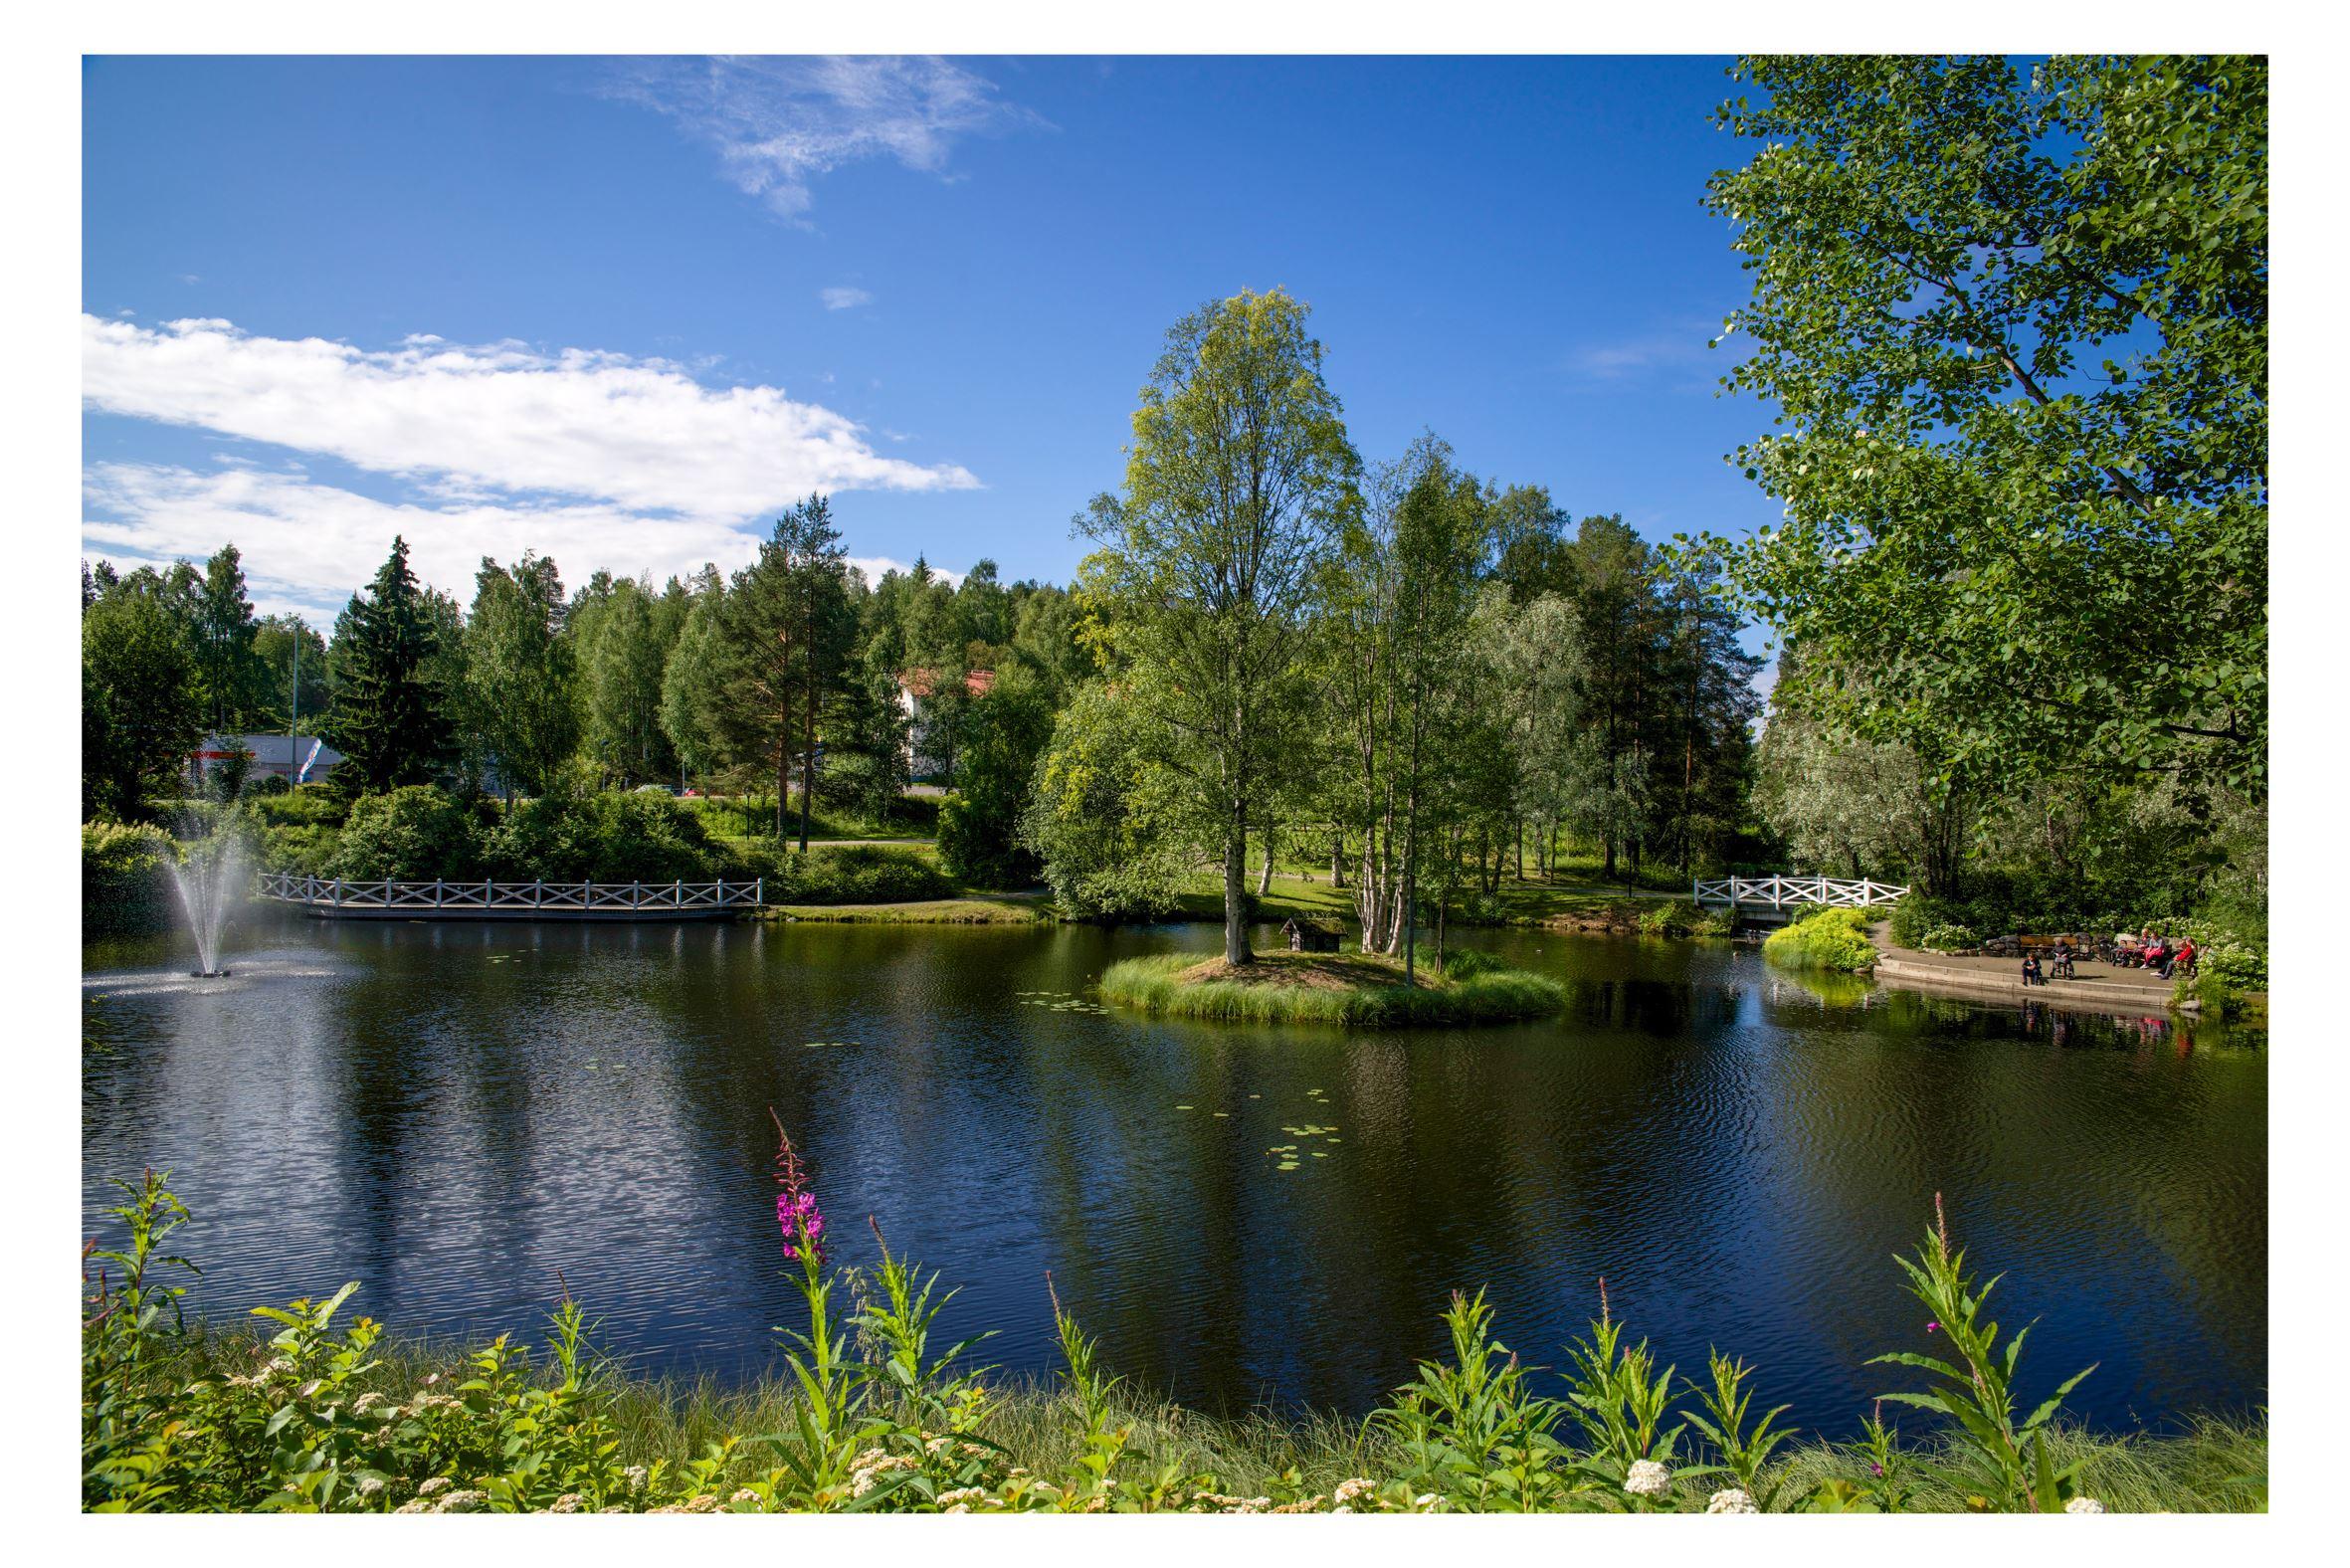 Vandra i våra parker och stadsnära natur